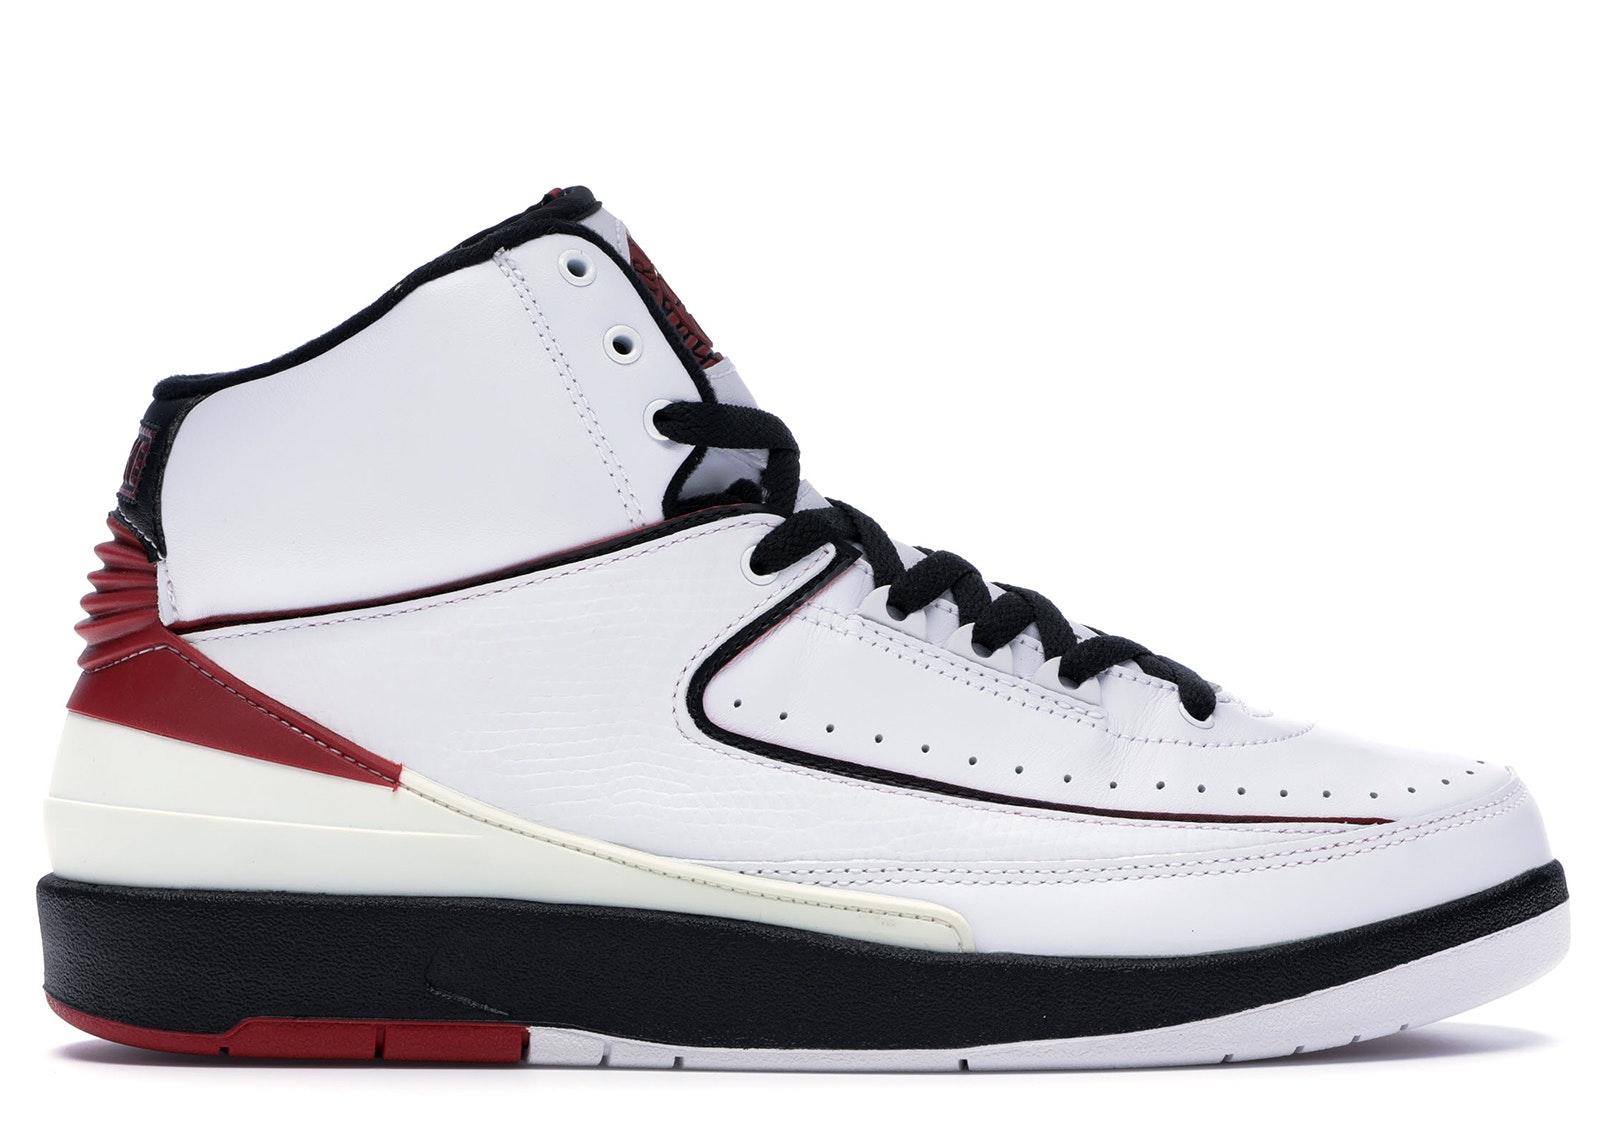 Jordan 2 Retro White Varsity Red (2004)